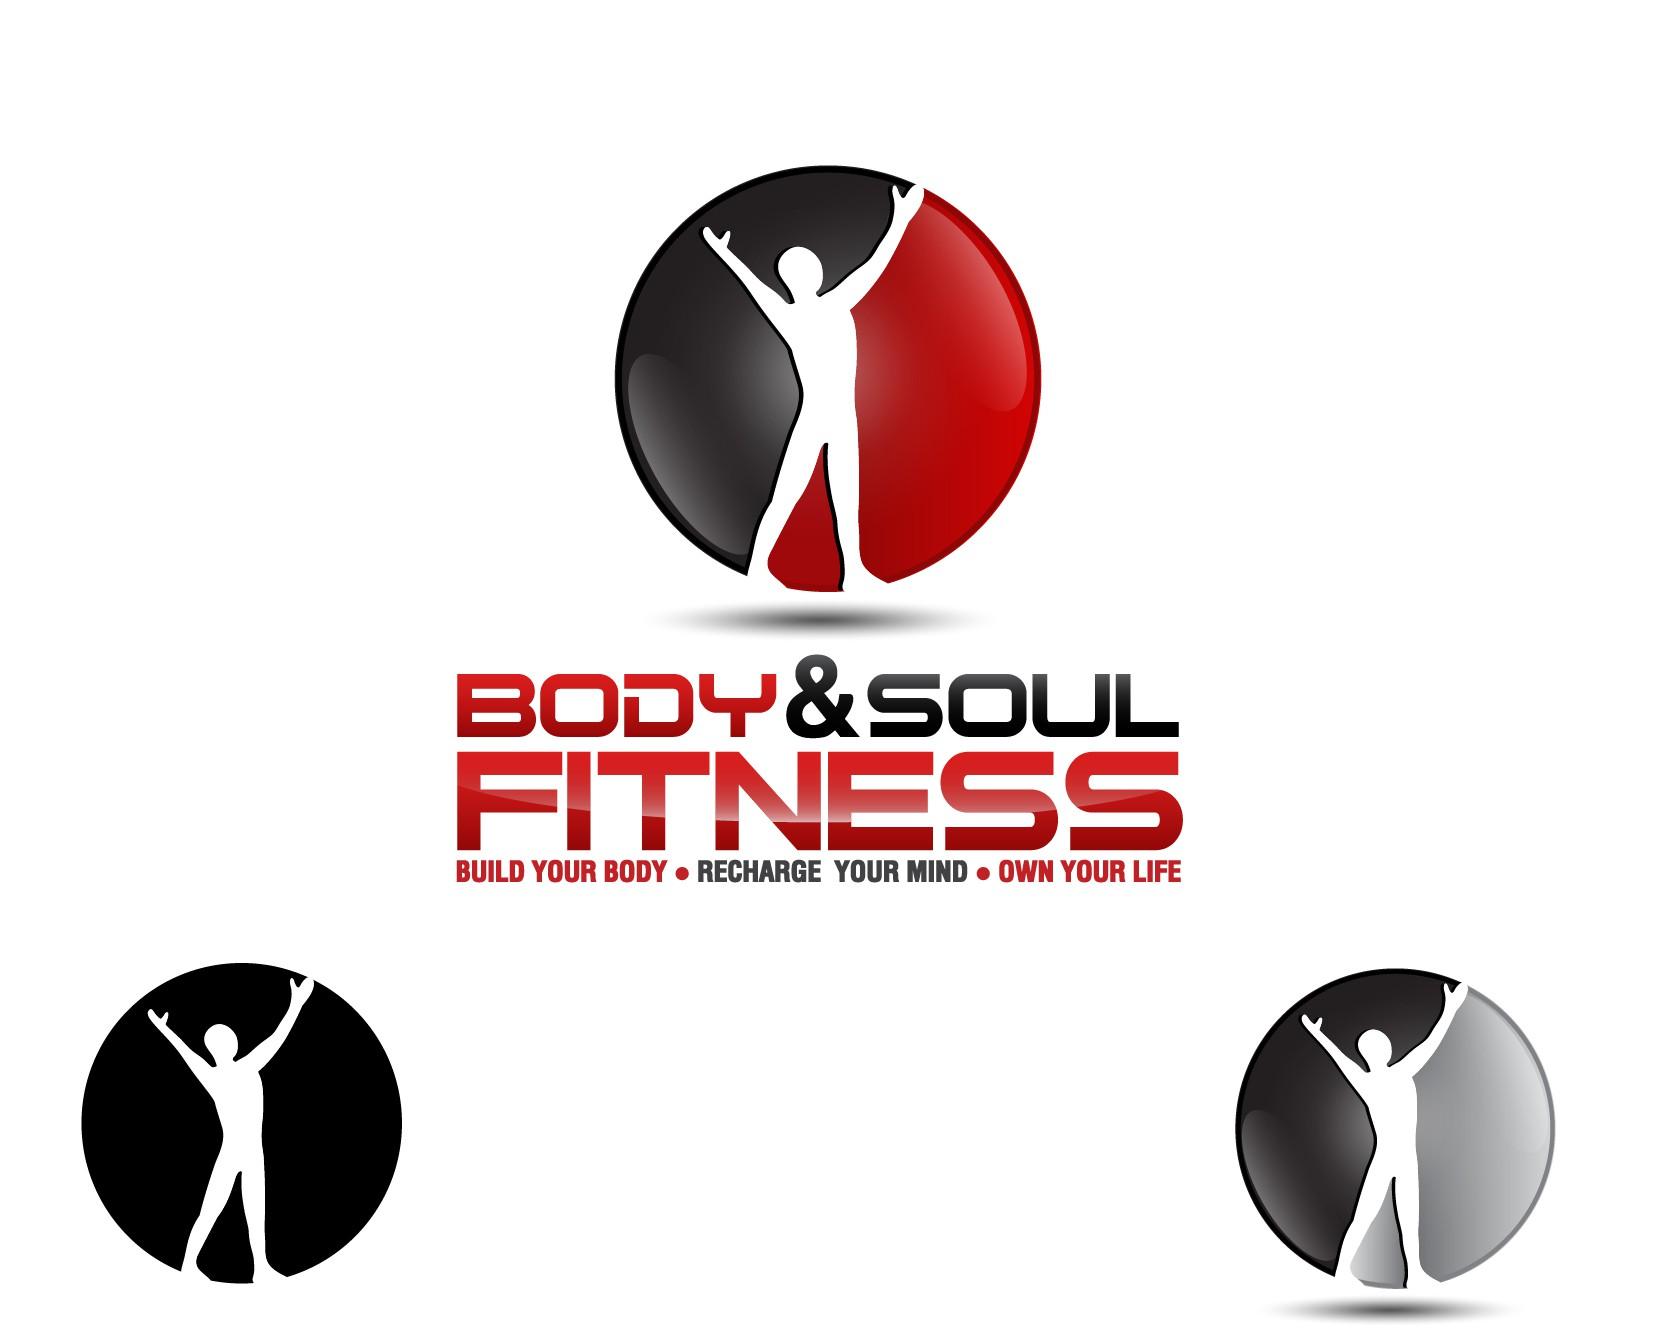 Body & Soul Fitness needs a new logo